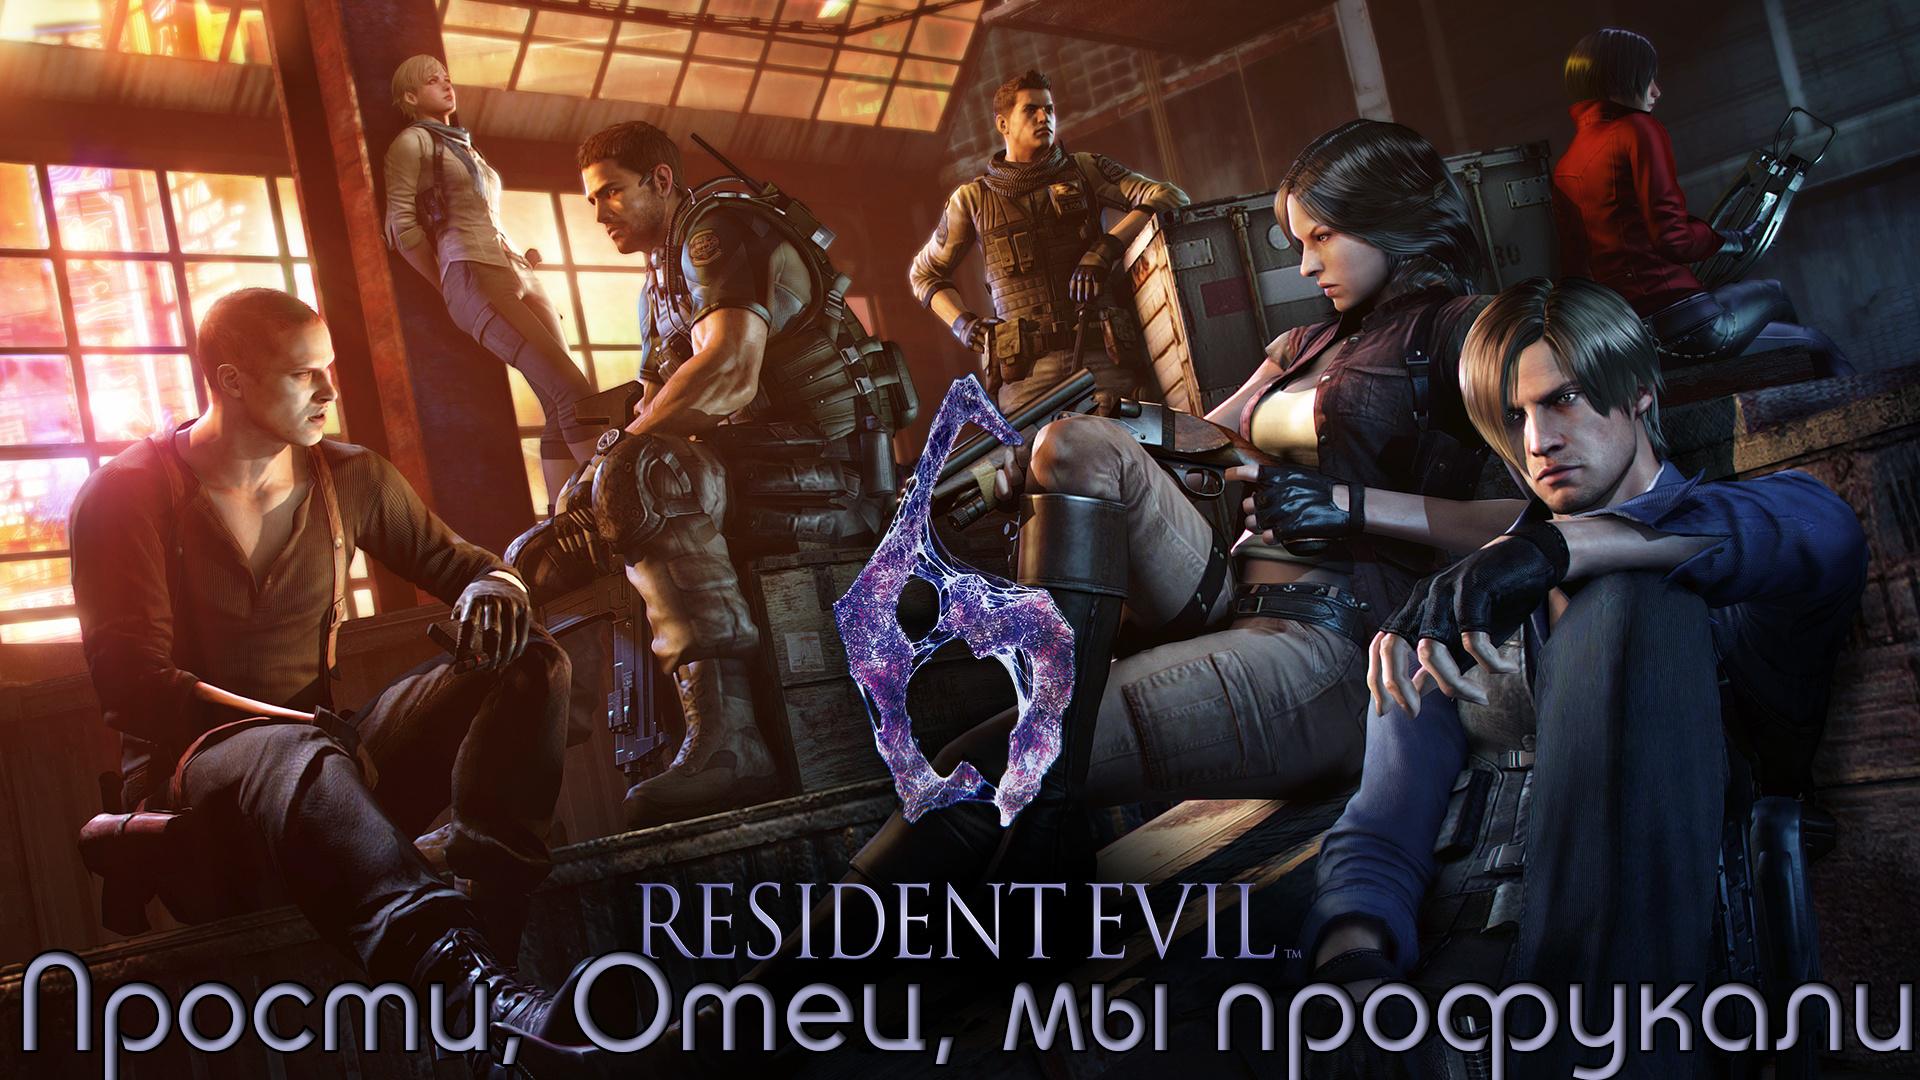 Прости, Отец, мы профукали Resident Evil 6  [часть 6]  - Изображение 1